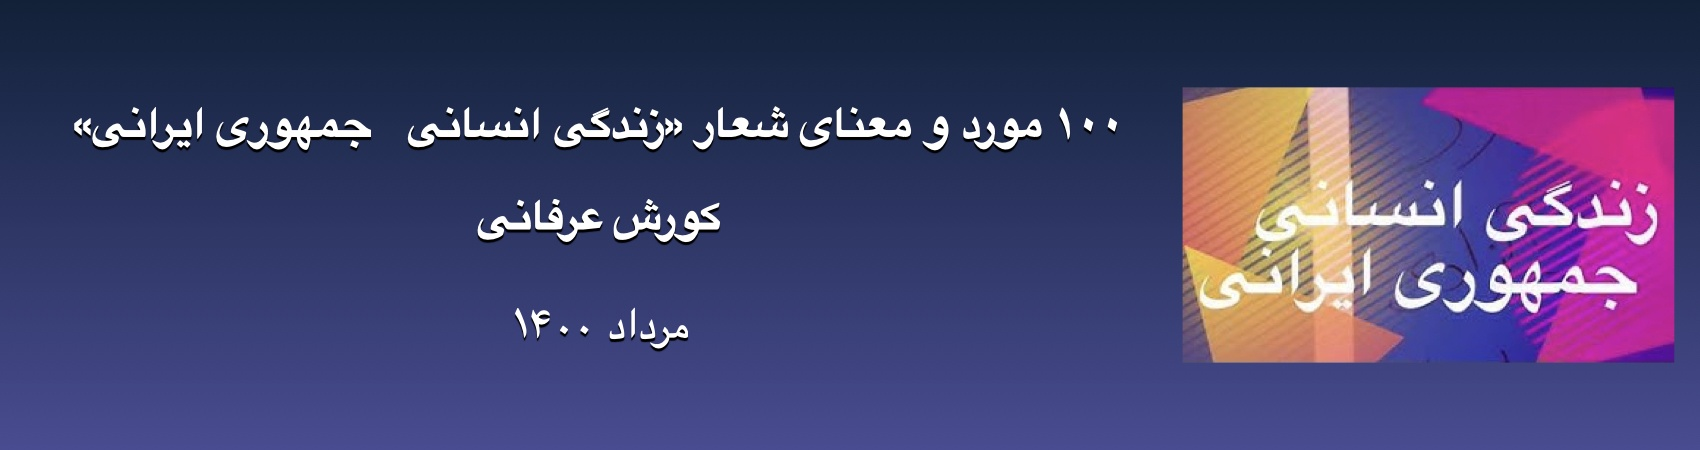 صد مورد و معنای شعار «زندگی انسانی جمهوری ایرانی» 